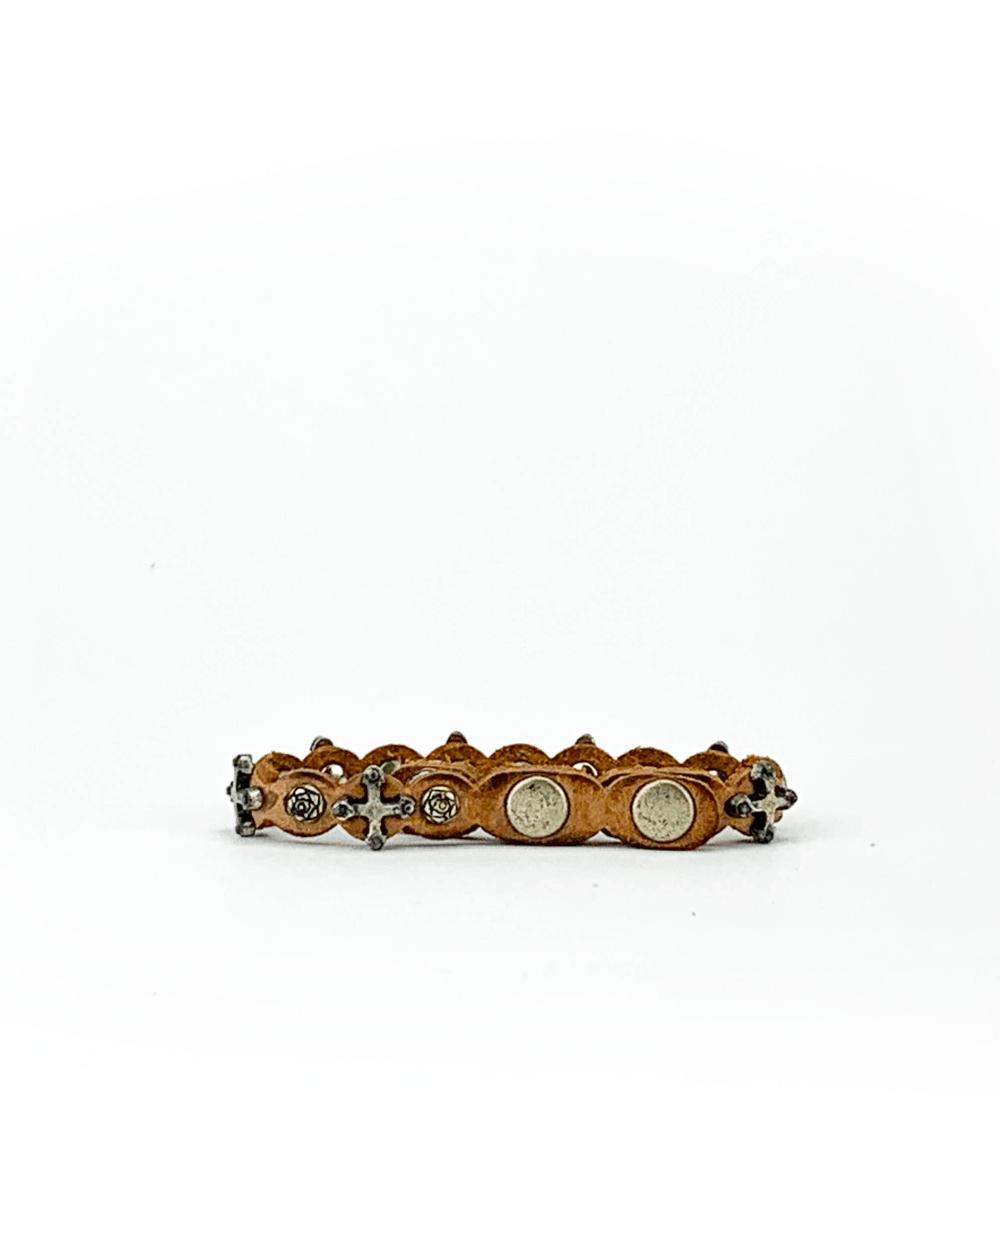 Bracciale in cuoio di toro lavorato a mano con accessori in metallo invecchiato.